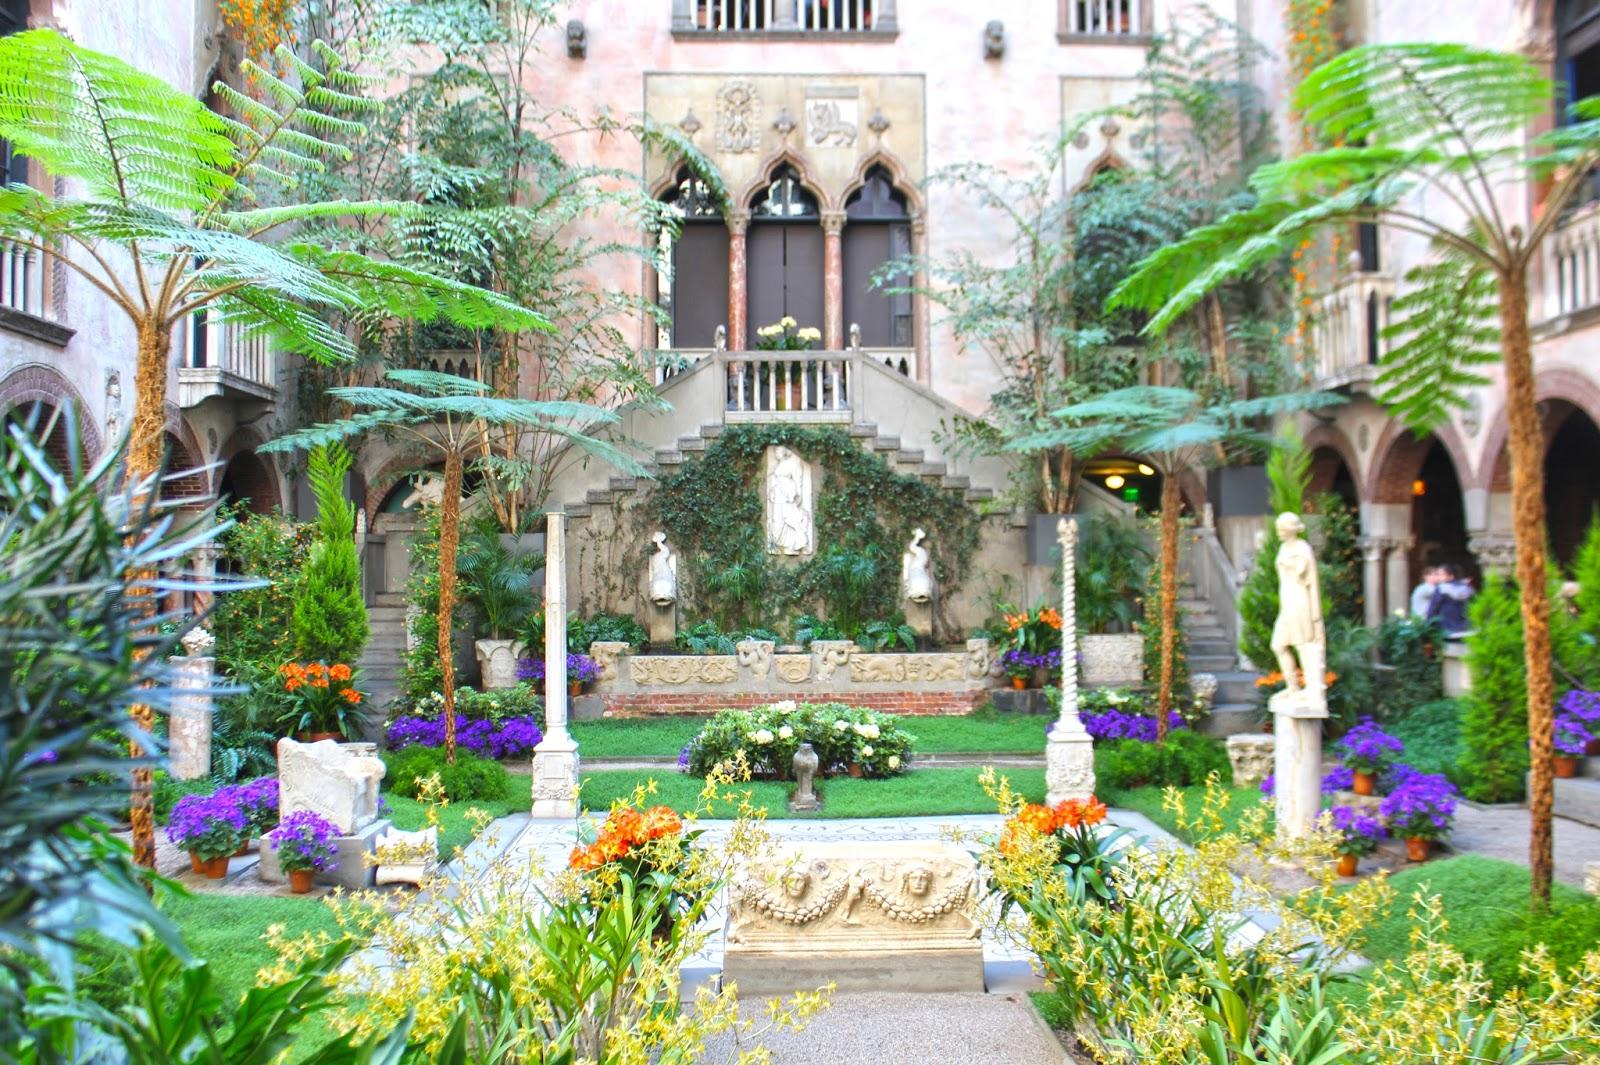 isabella steward gardner courtyard